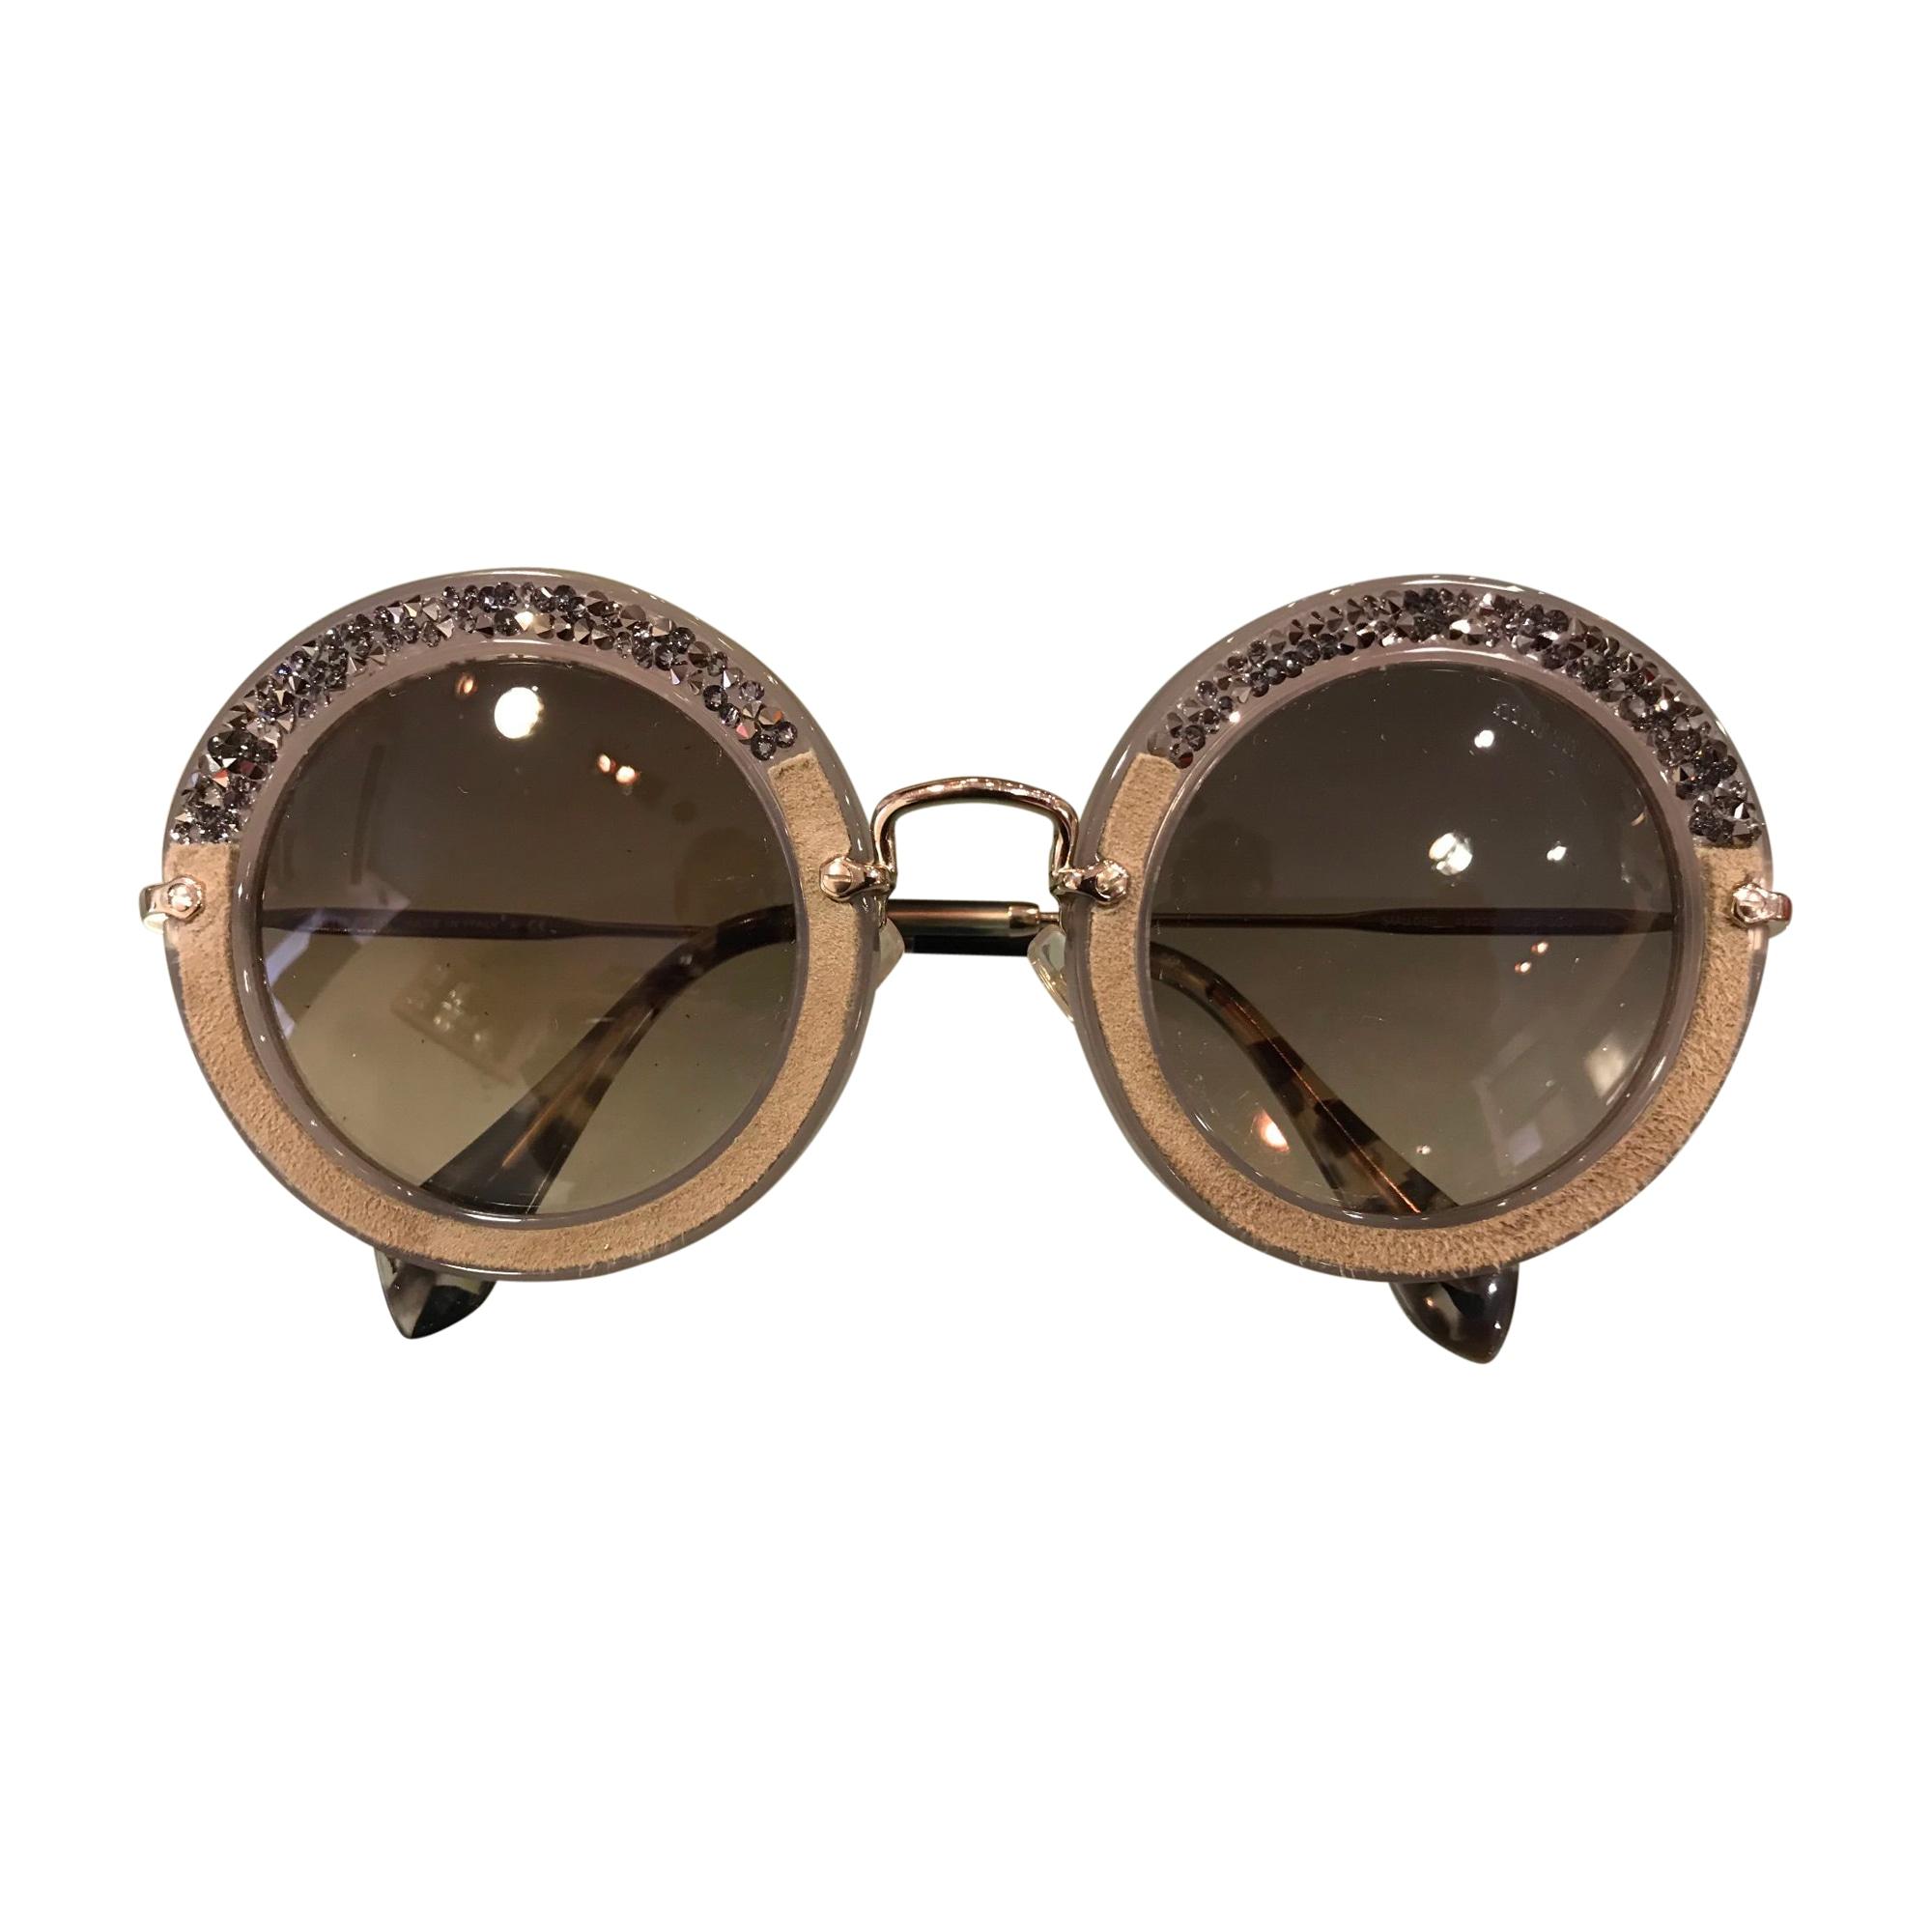 7d15f5ec45707f Lunettes de soleil MIU MIU gris vendu par Dress troc de haguenau ...